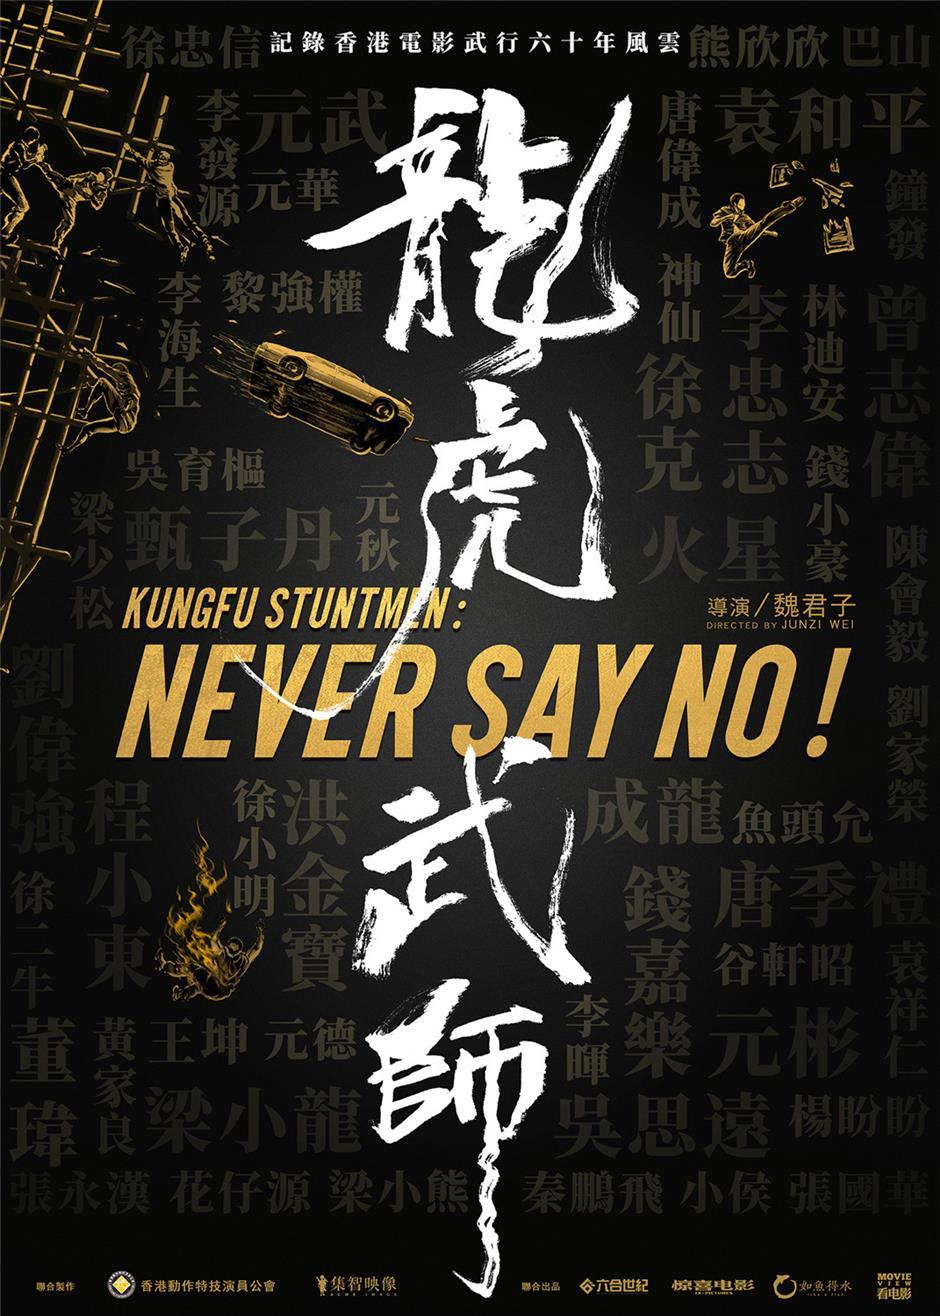 Hong Kong kung fu film stuntmen 'Never Say No'